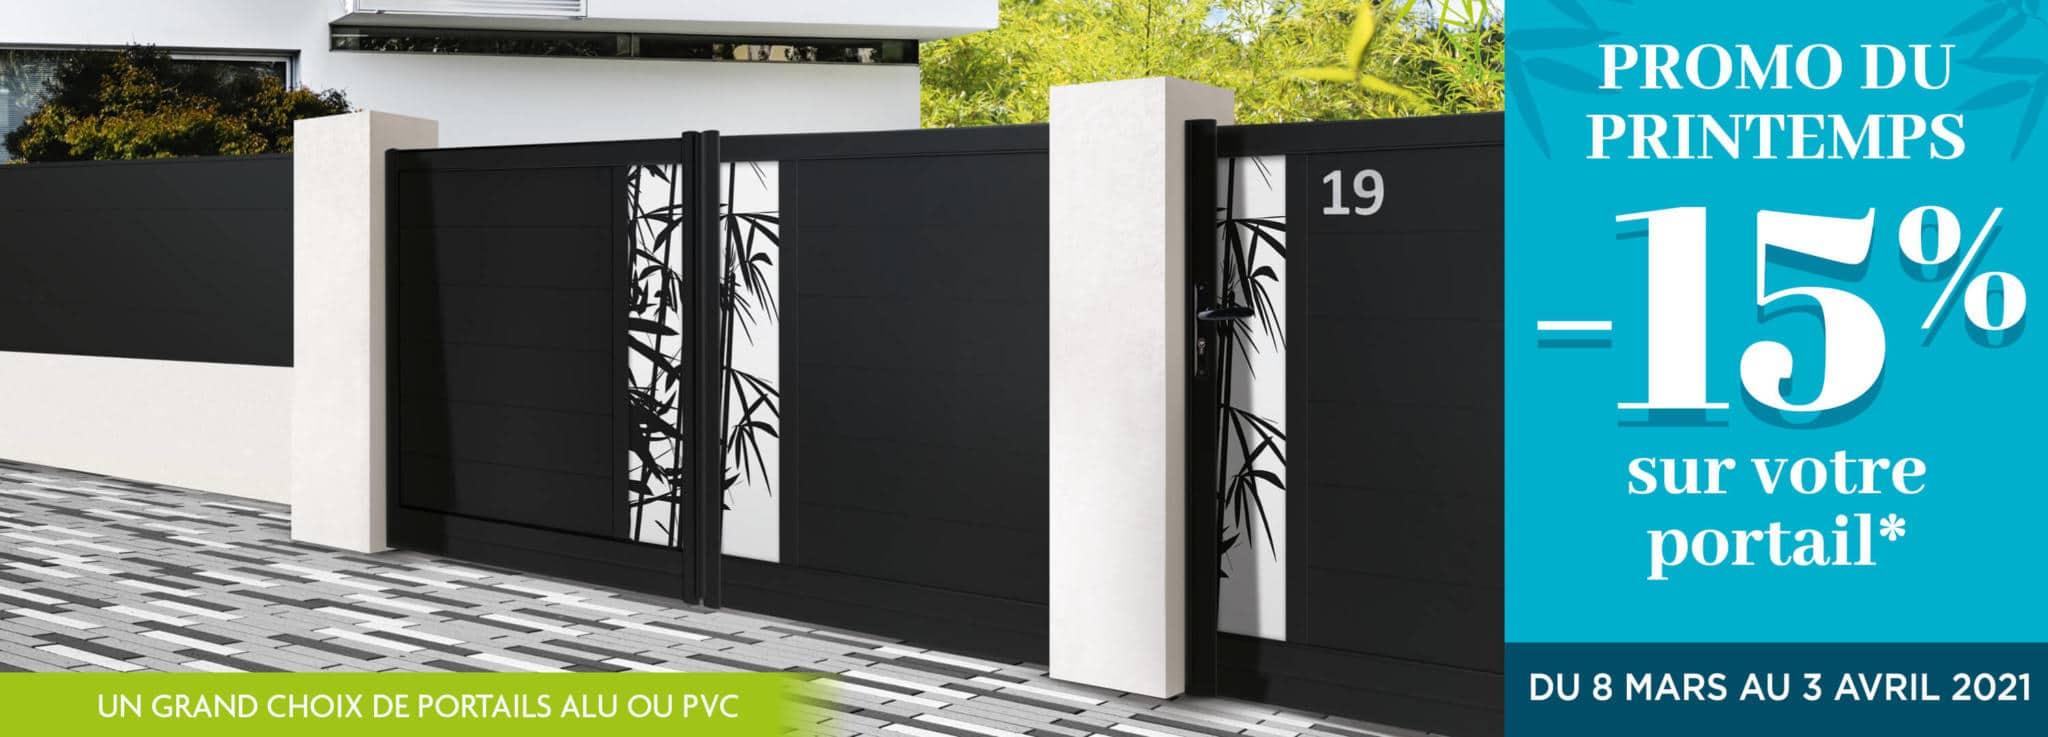 PROMO portails alu et PVC fabriqués sur mesure.